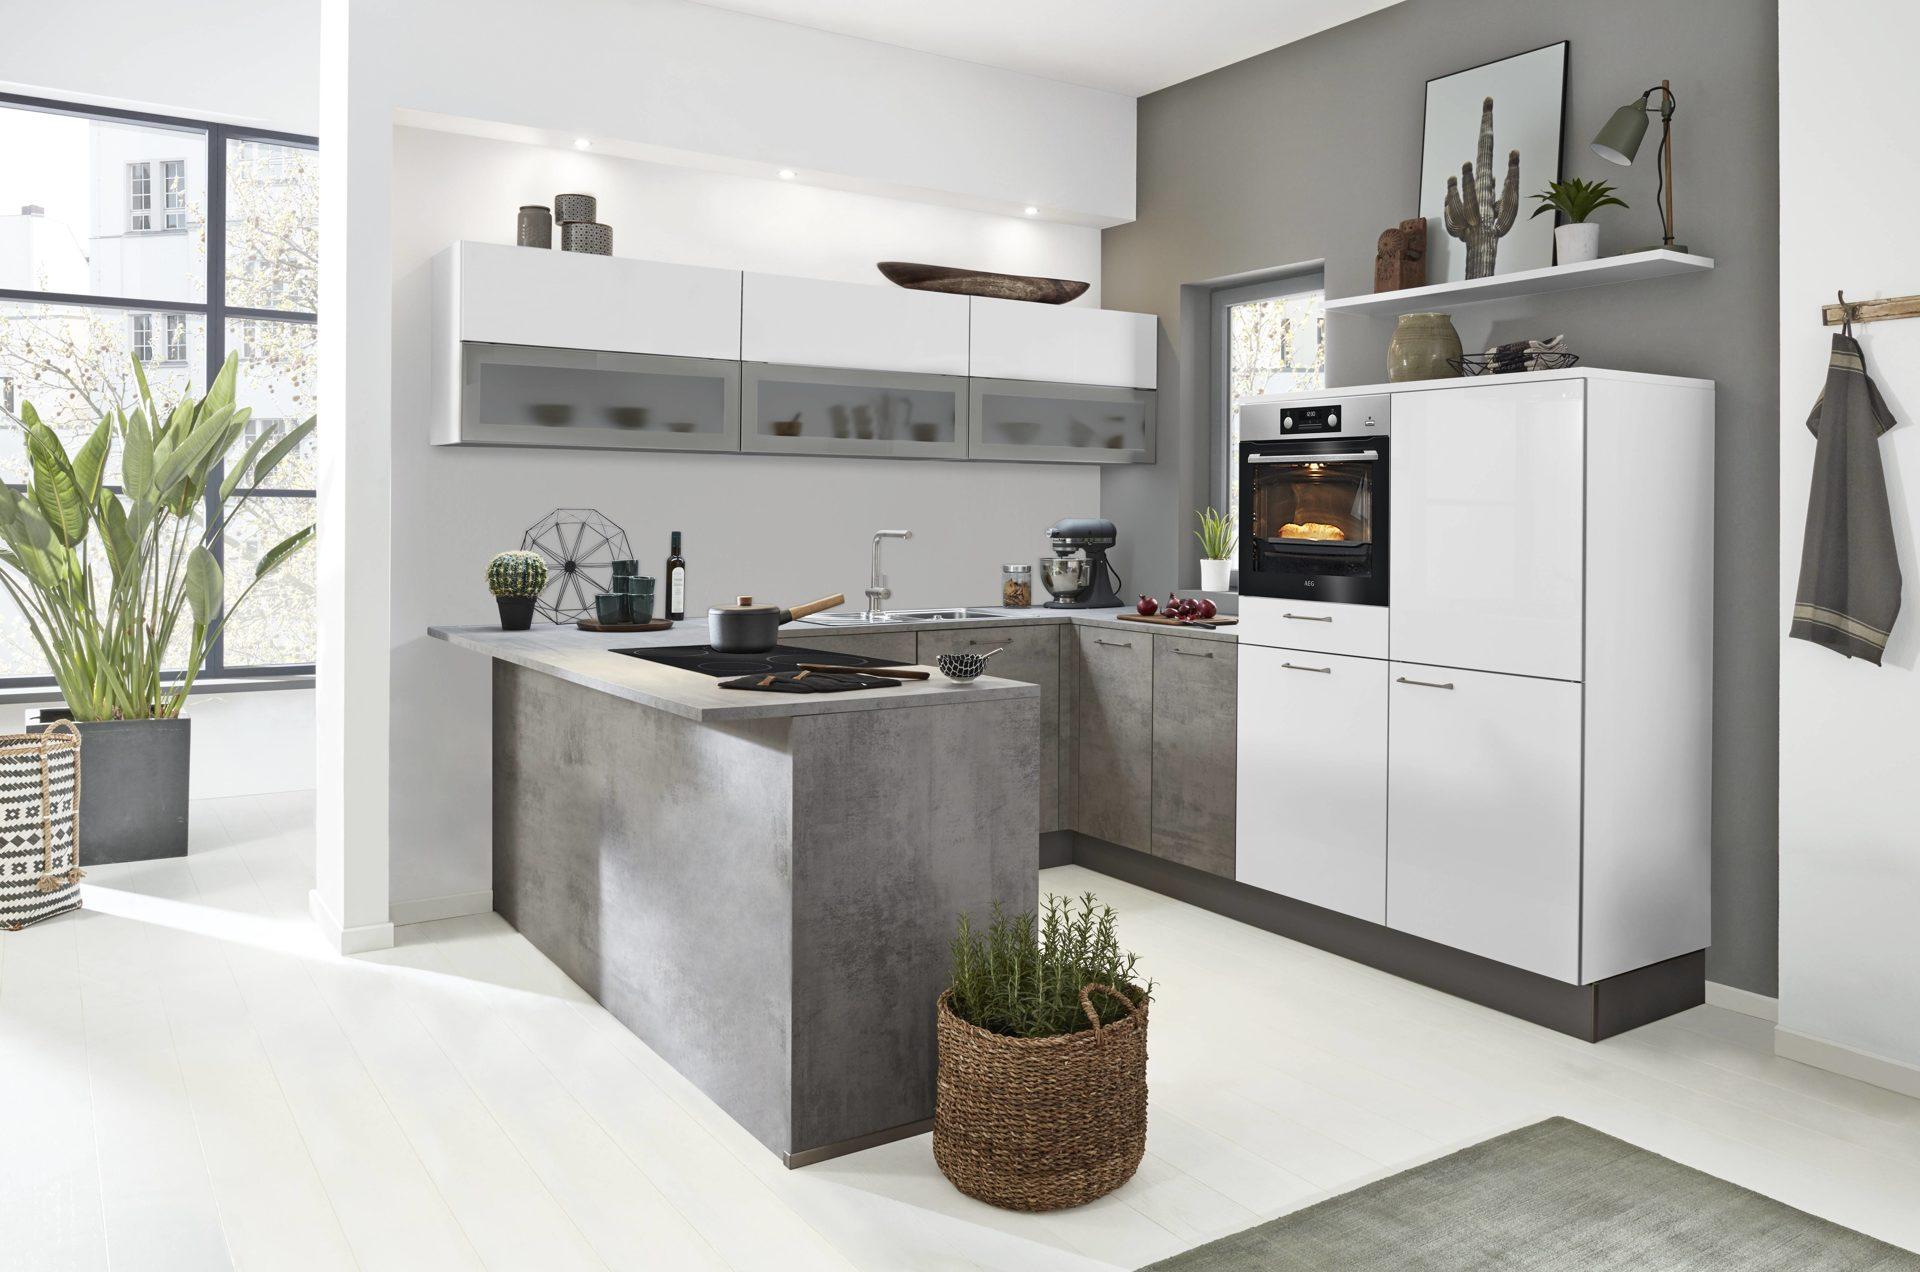 Einbauküche Nolte KÜchen (auch Il) Aus Holz In Weiß Interliving Küche Serie  3006 Mit